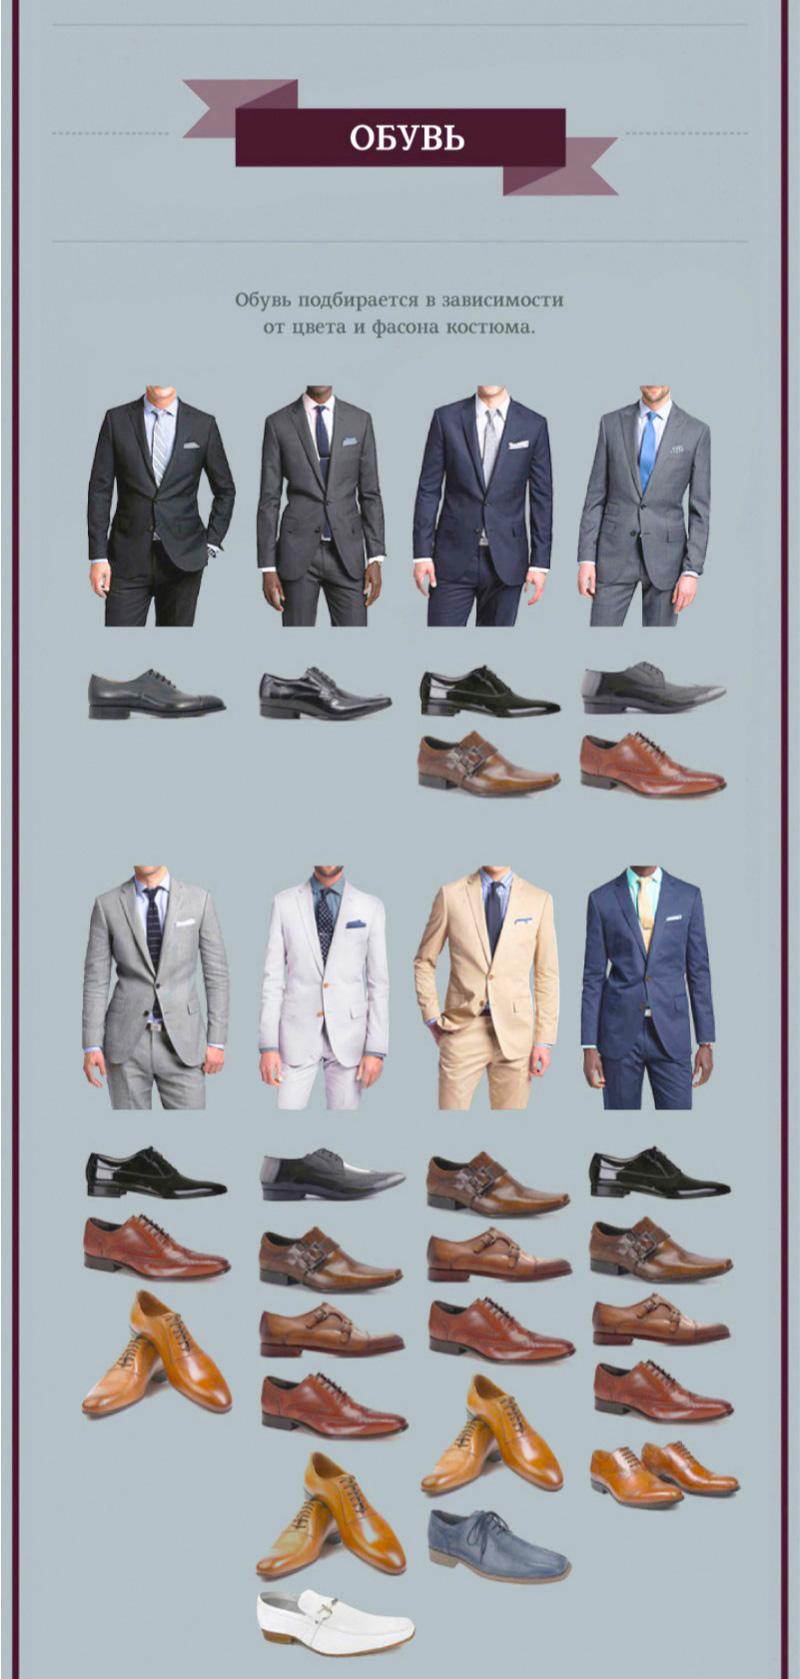 Гид по мужскому костюму - обувь.